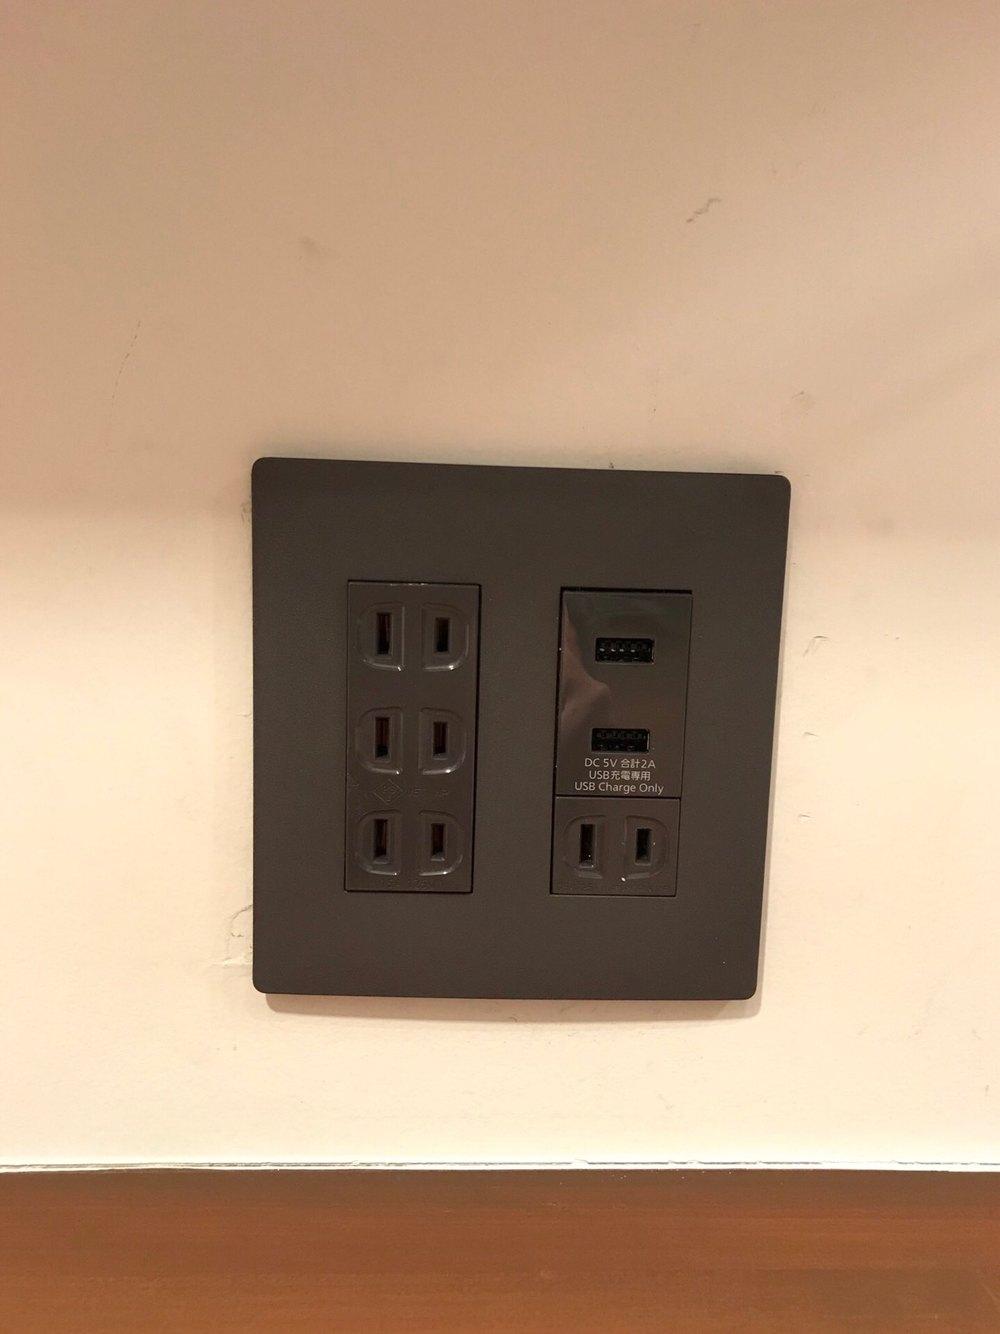 USBコンセントに交換!パネルも規格が違う為交換です。